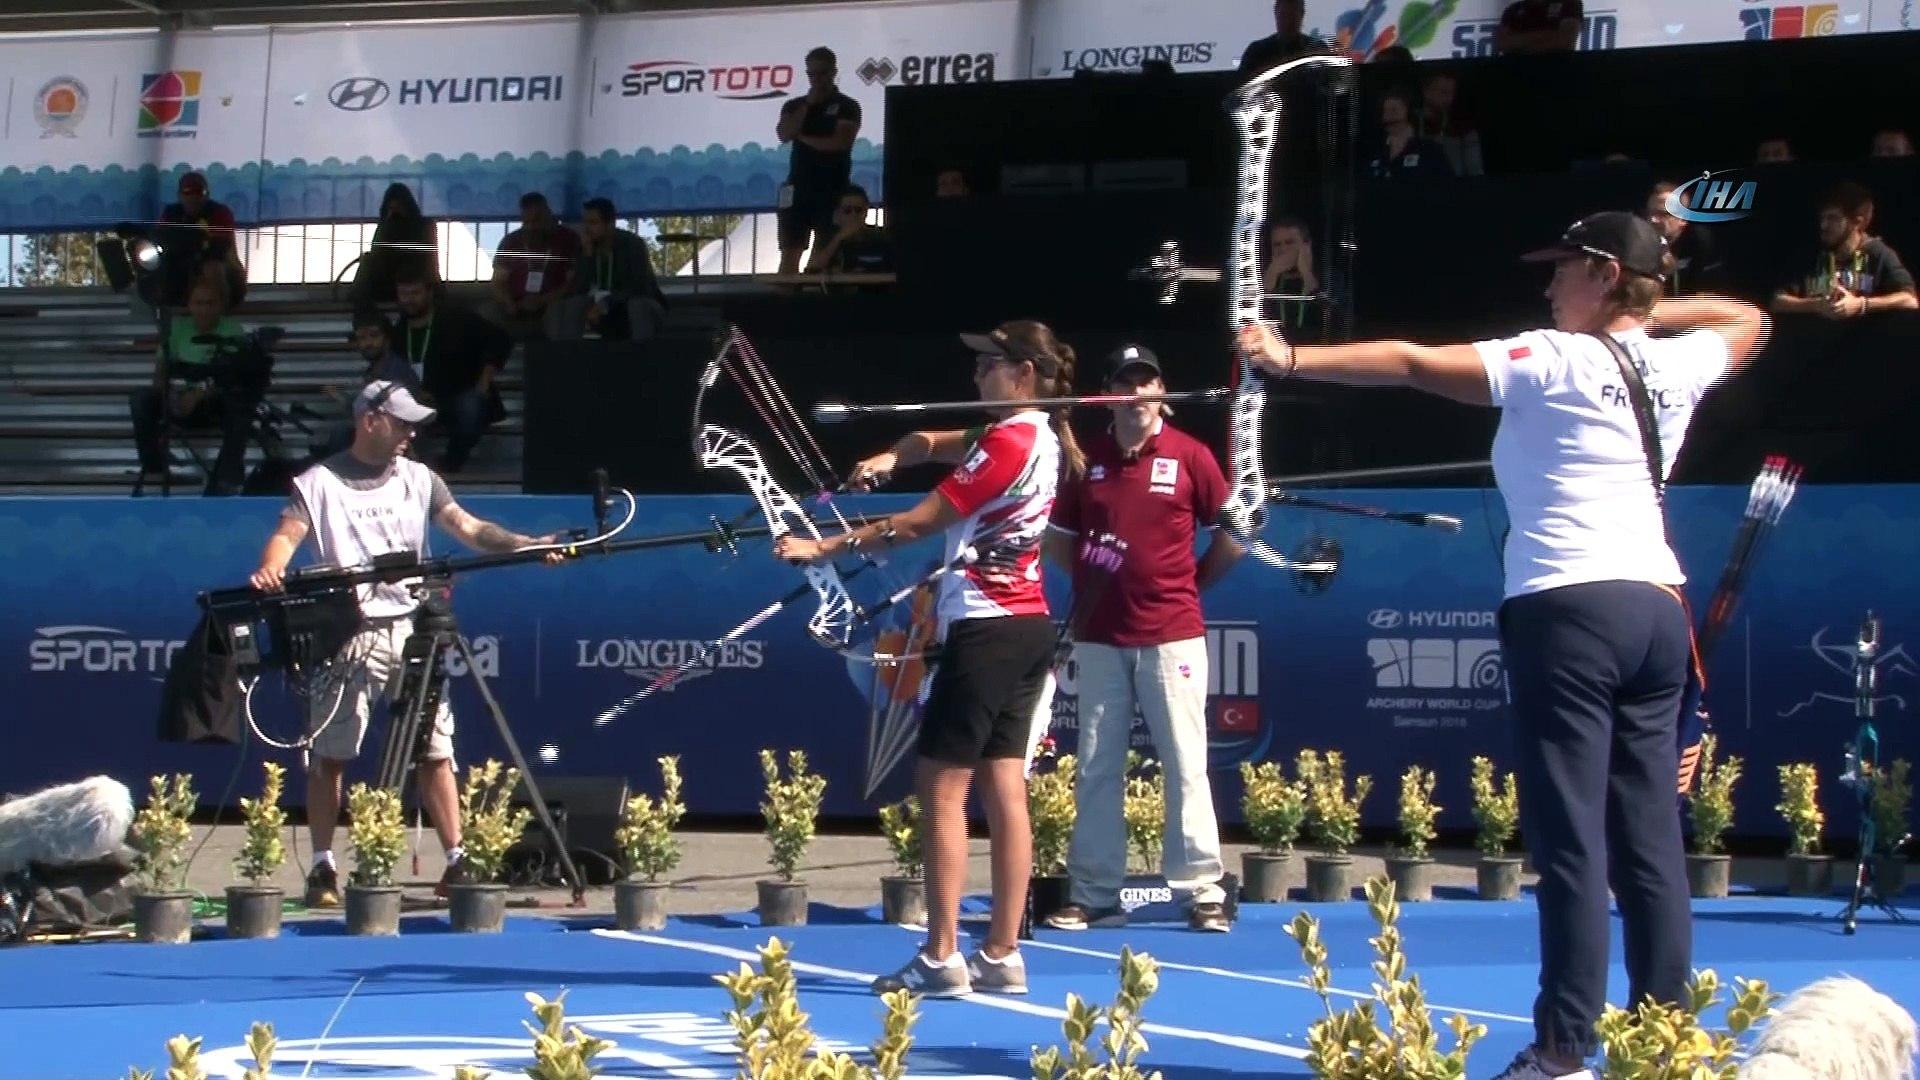 Dünyanın en iyi okçuları Samsun'da yarışıyor